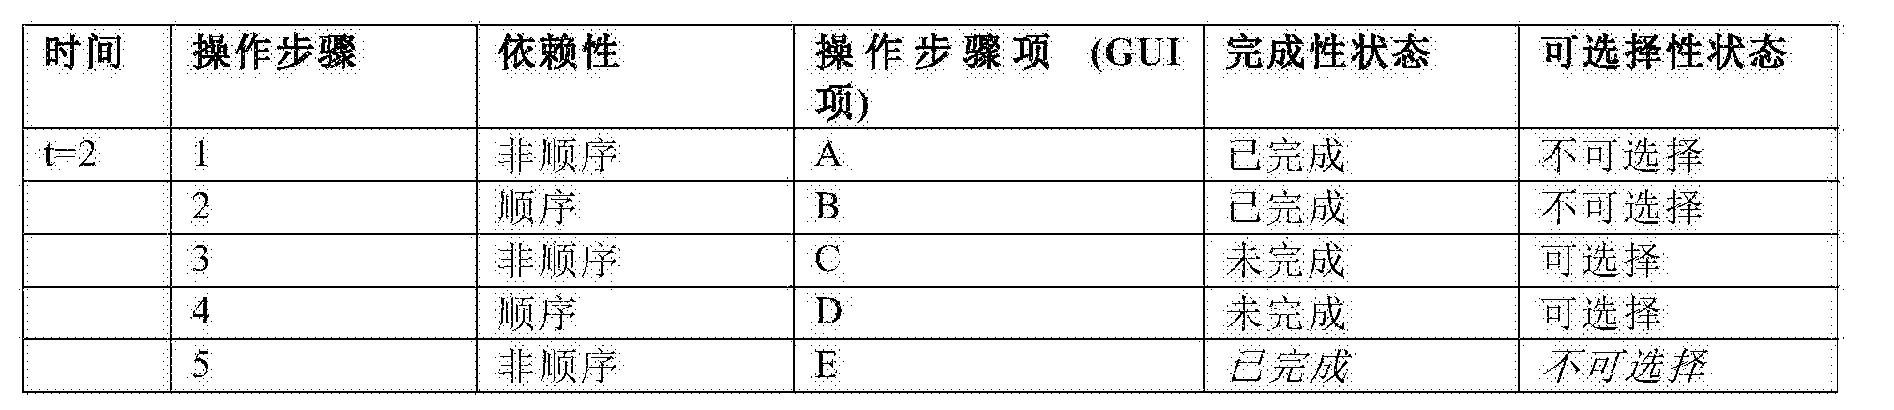 Figure CN104321772BD00201